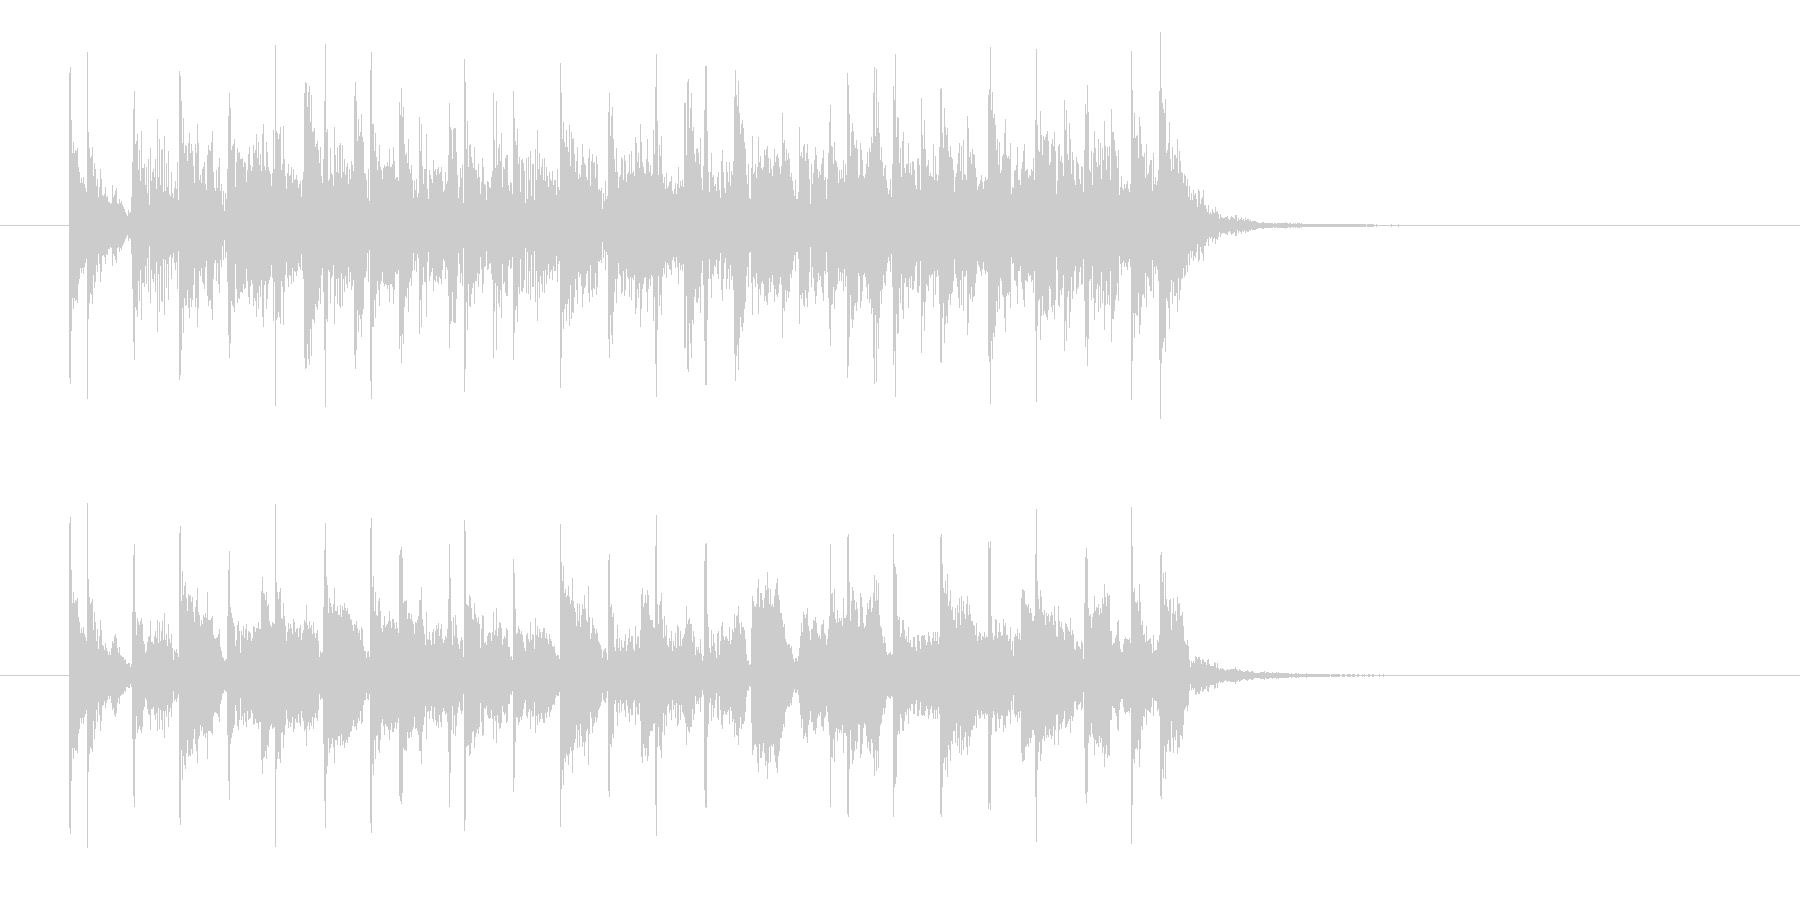 盛り上がるロカビリー風なジングル曲の未再生の波形